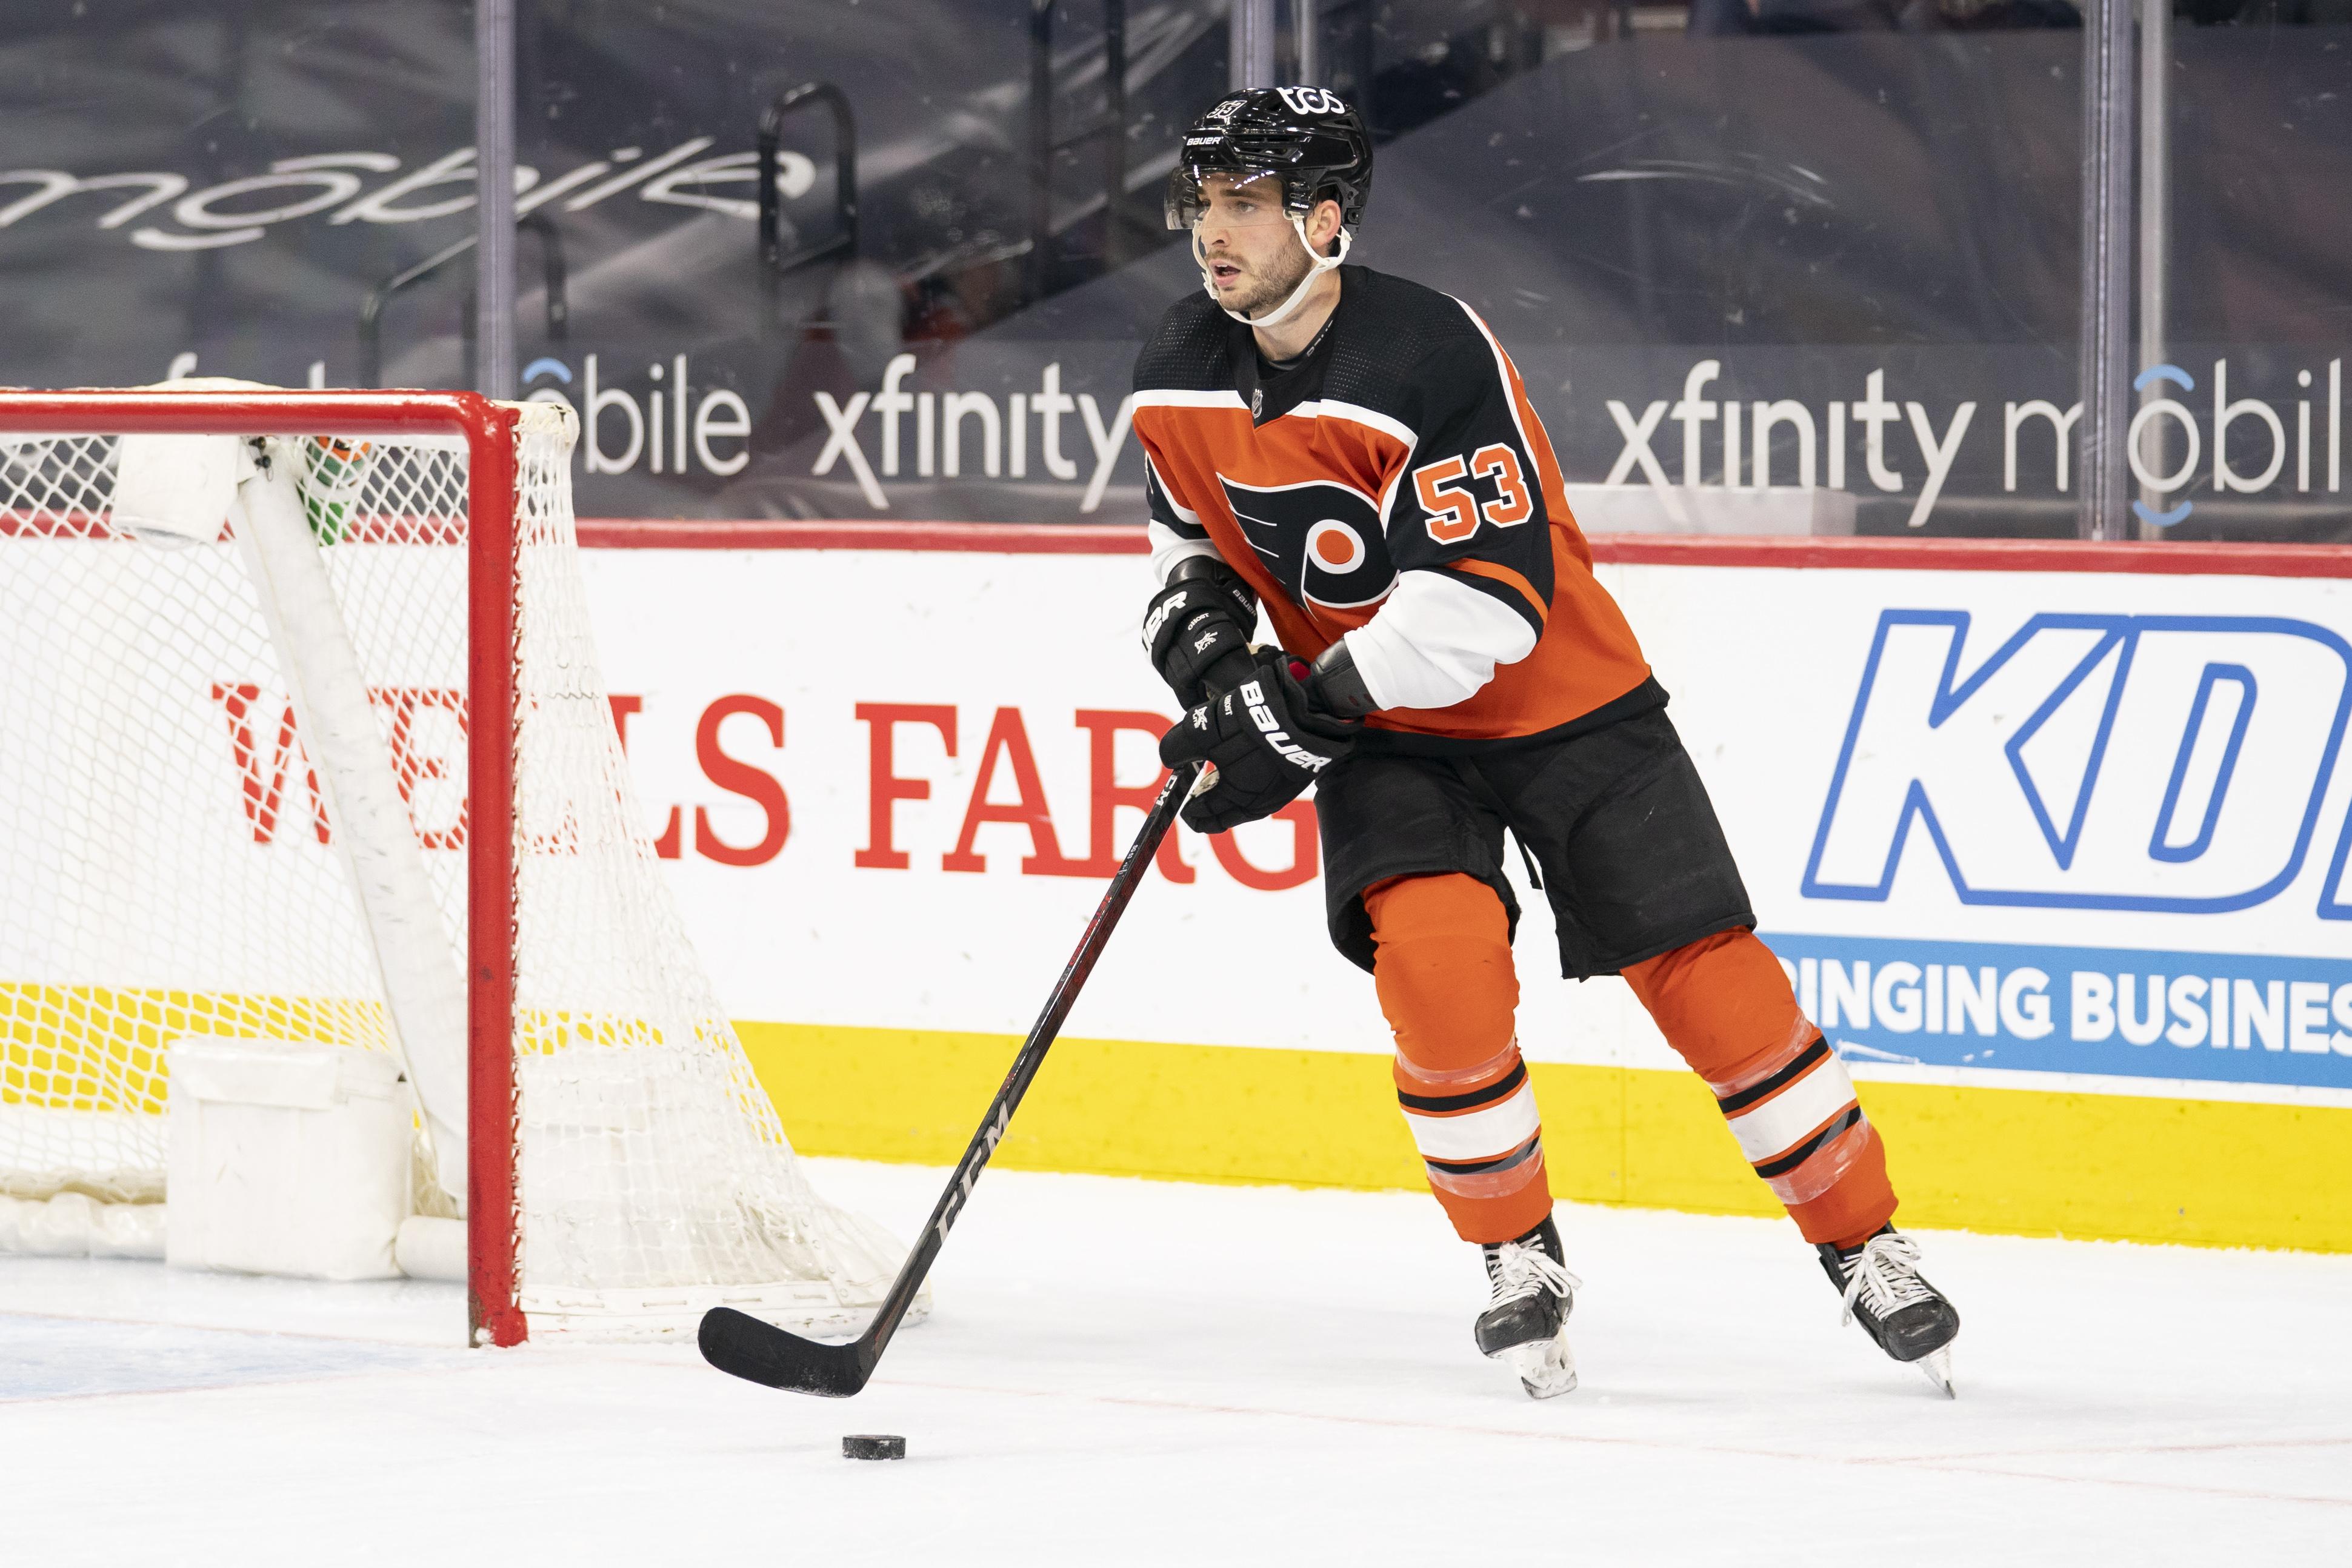 NHL: MAR 13 Capitals at Flyers